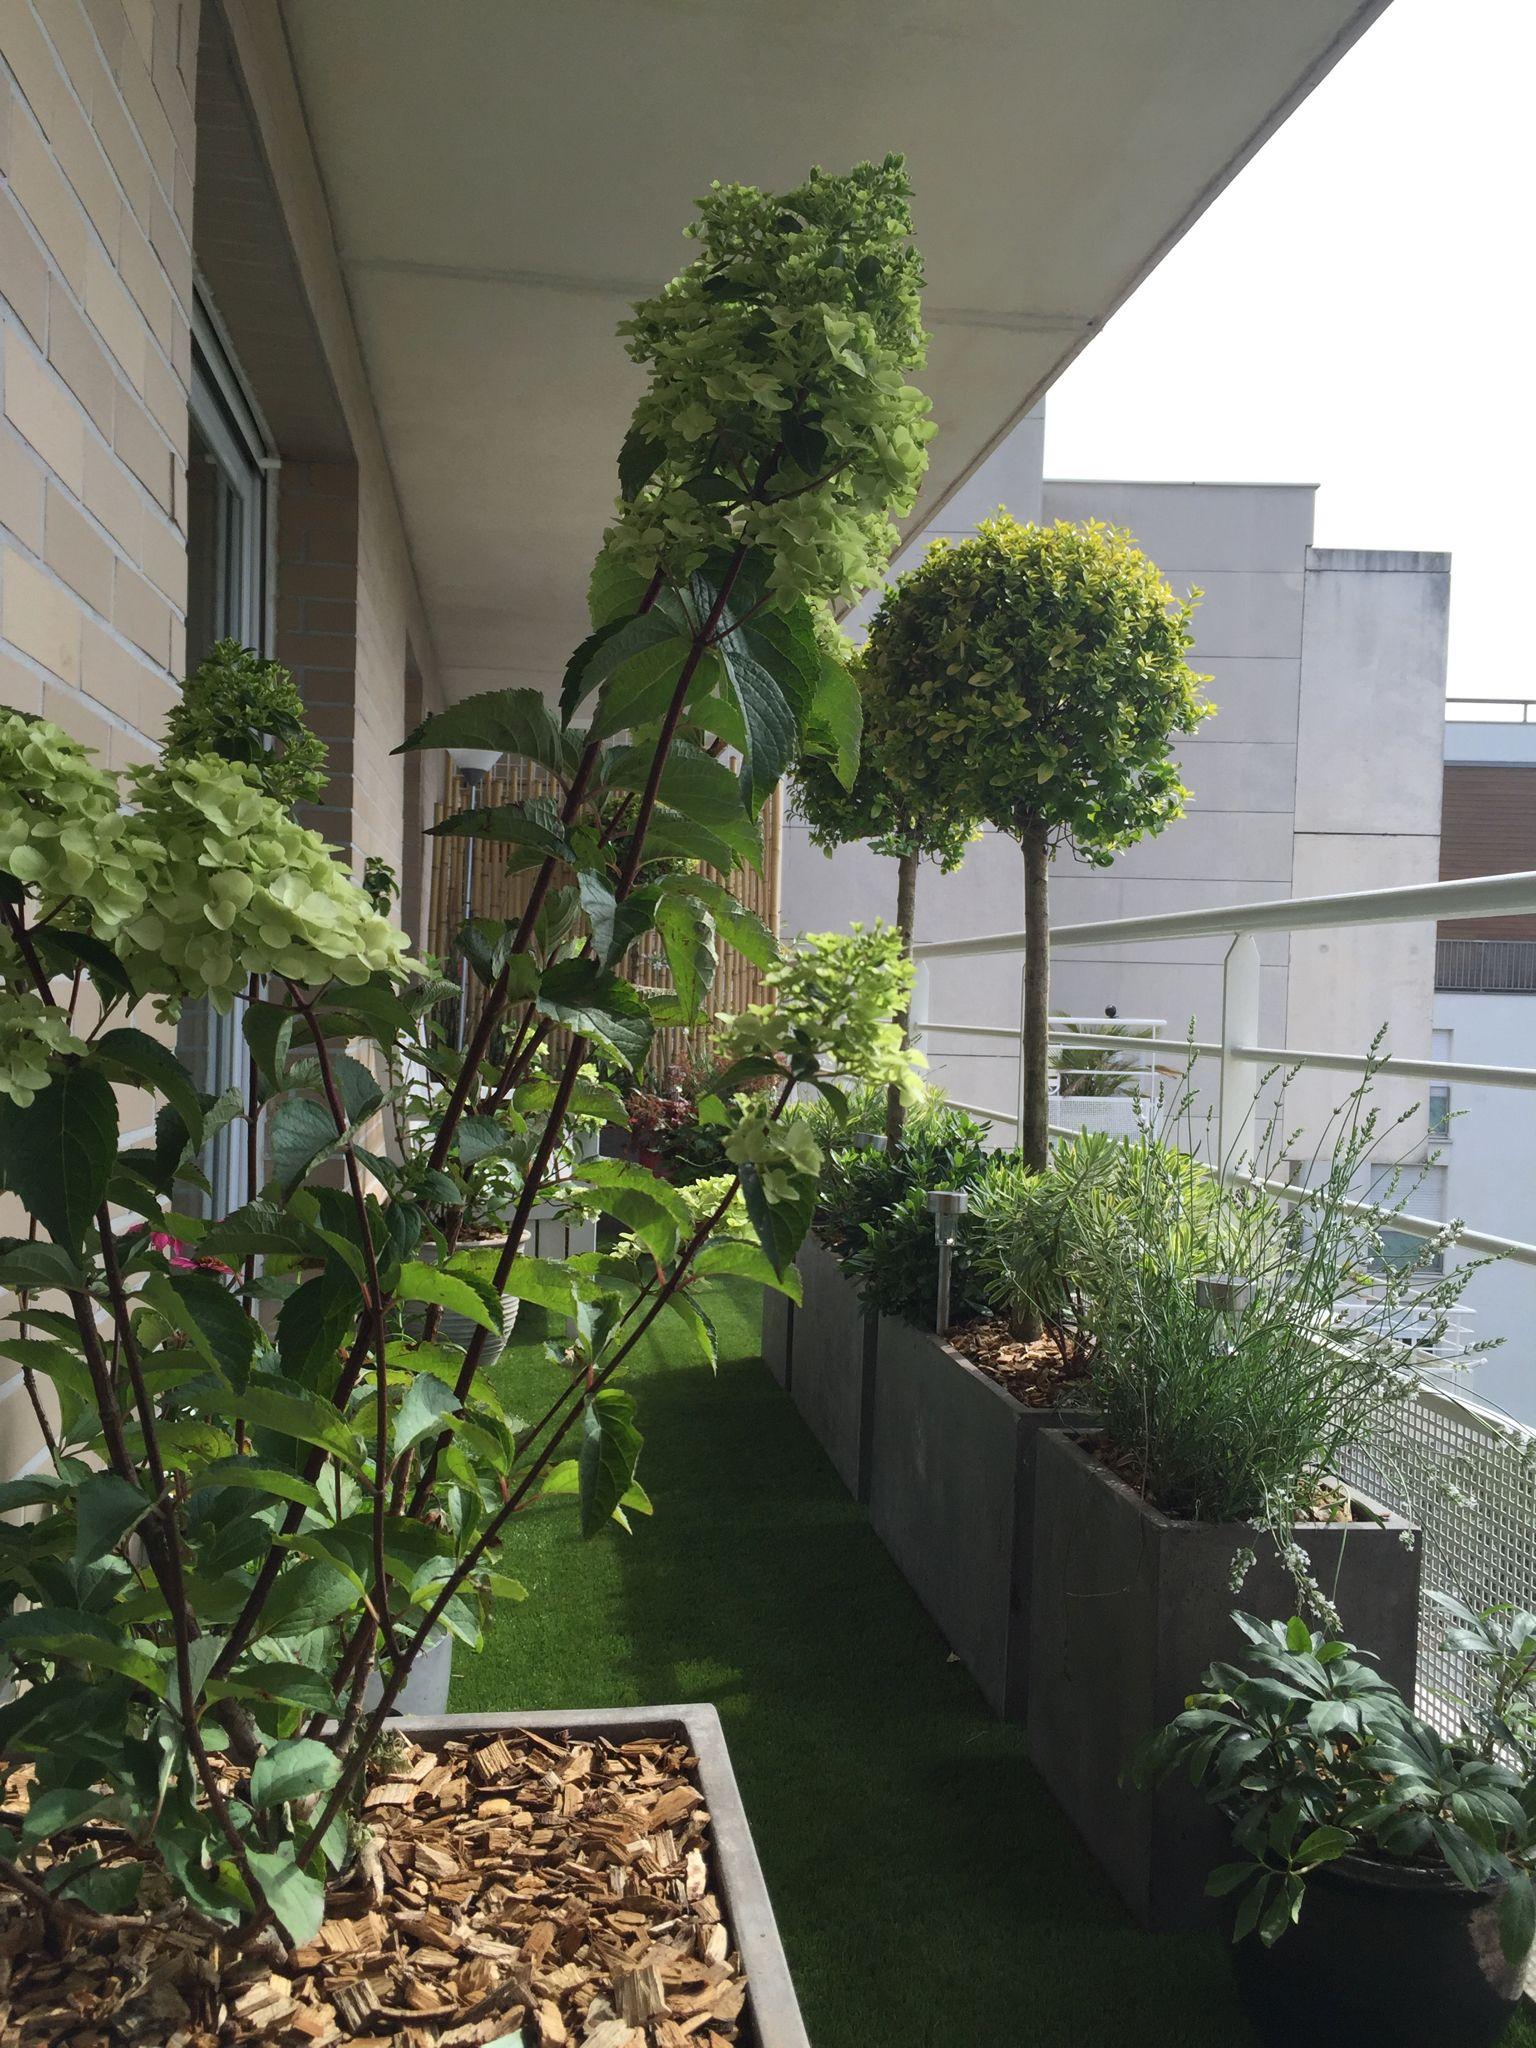 un air de campagne au balcon am nag dans une ambiance champ tre gr ce aux hortensias aux. Black Bedroom Furniture Sets. Home Design Ideas